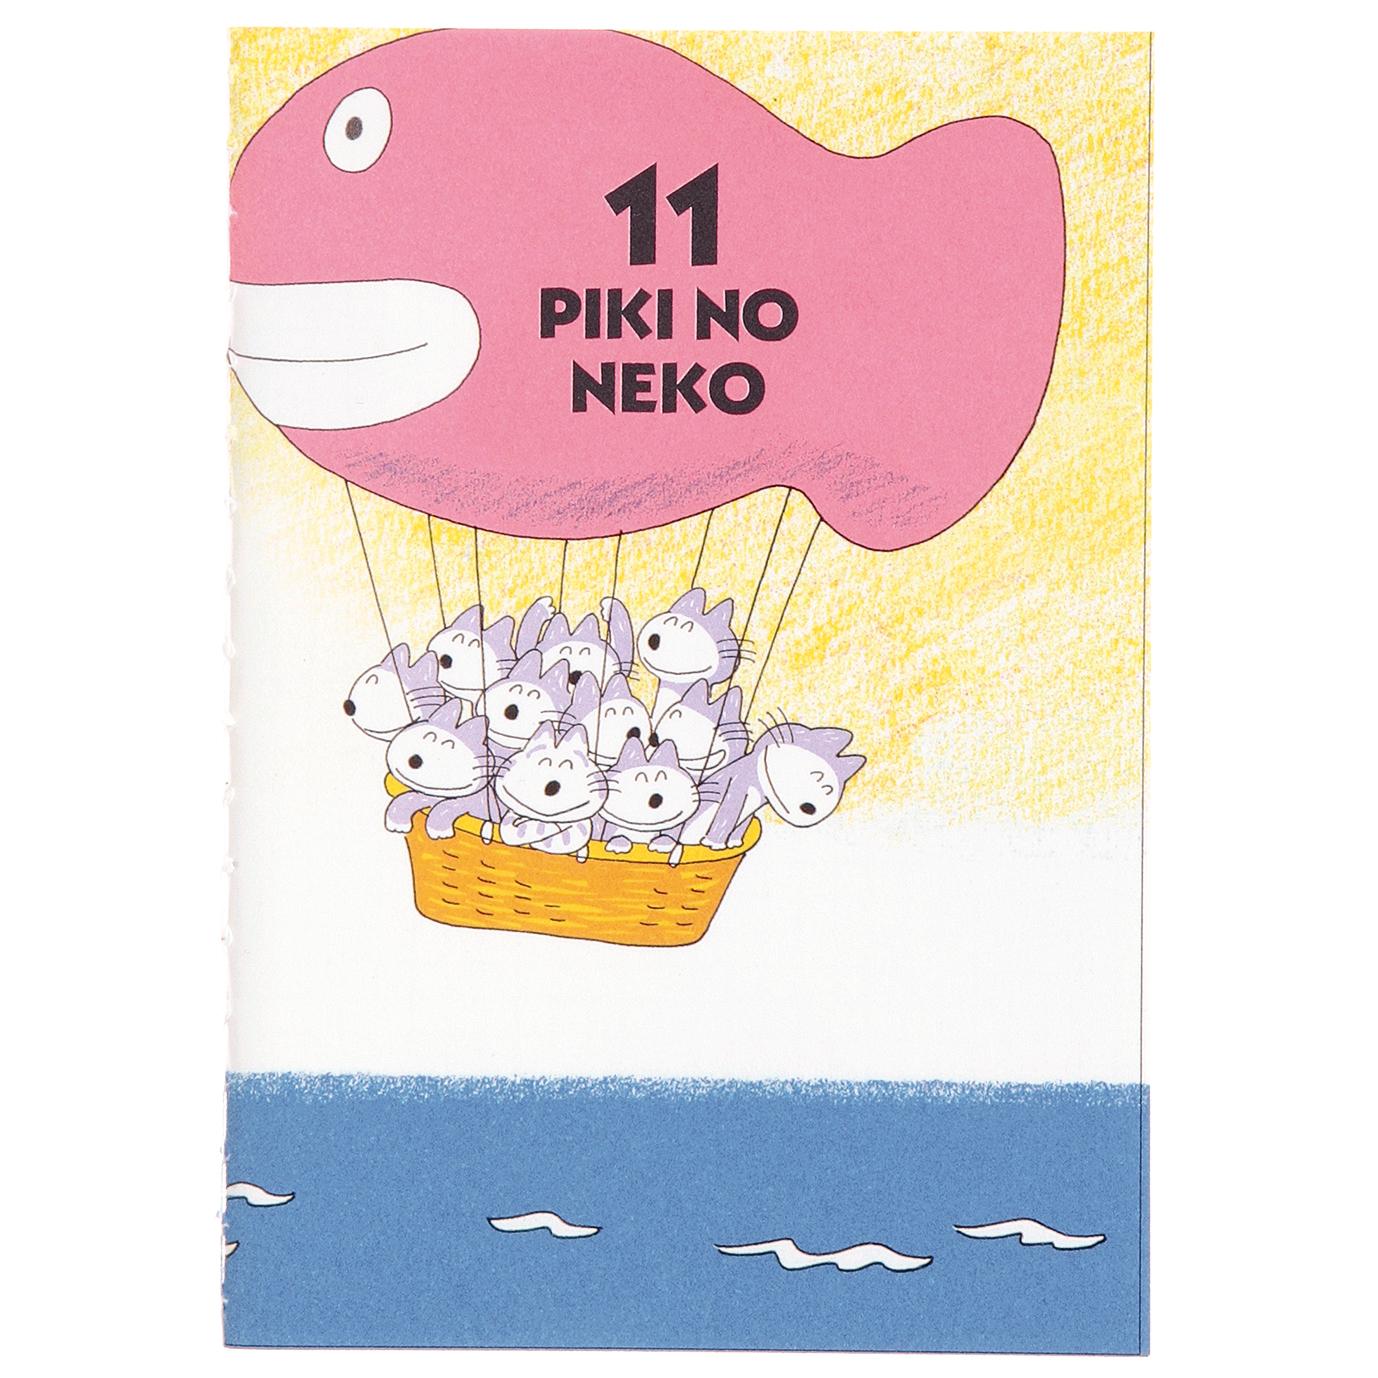 11ぴきのねこ 馬場のぼる<br> A6ノート(気球)